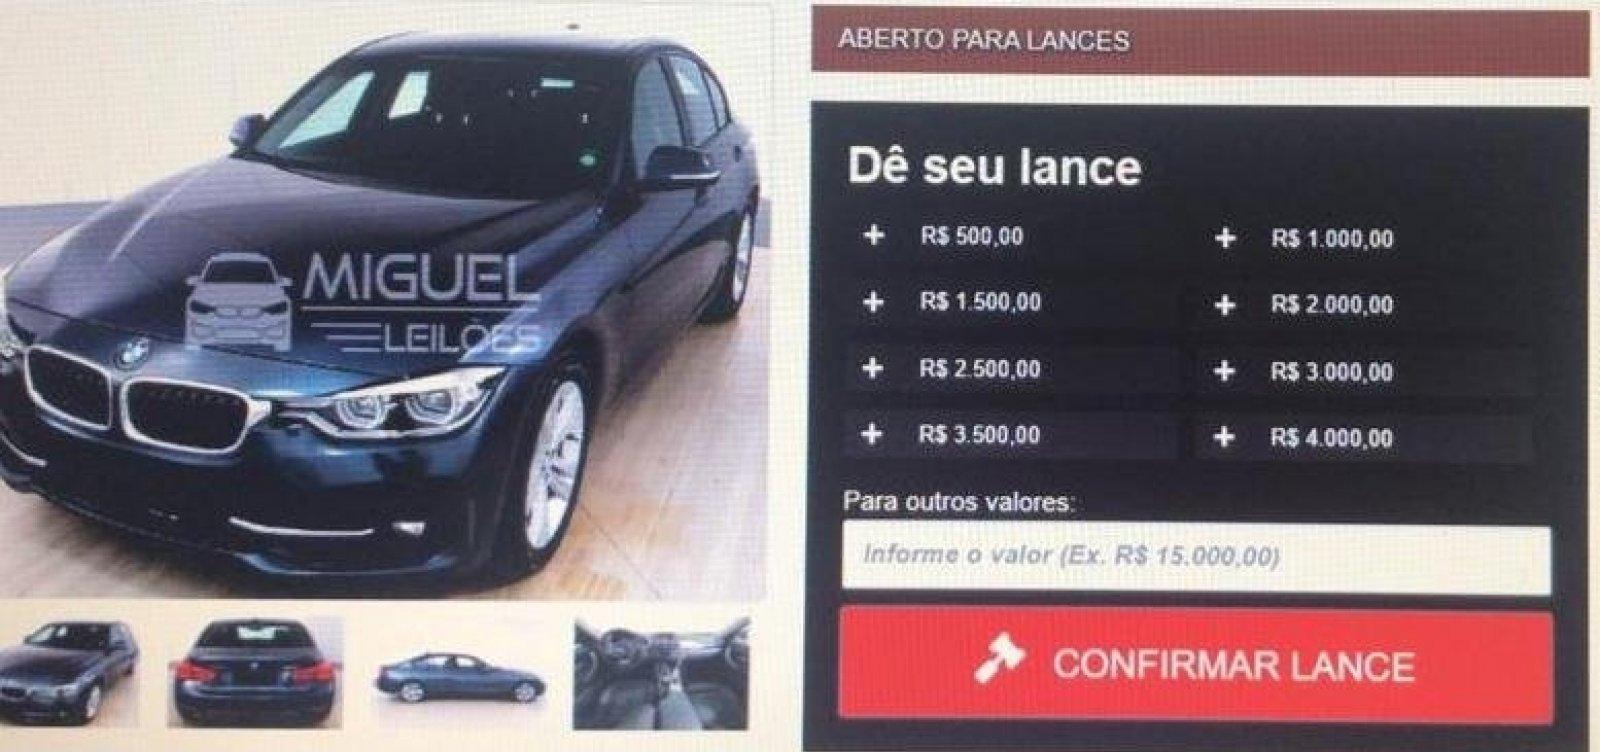 [Polícia investiga denúncia de ouvinte da Metrópole sobre fraude em compra de carro]